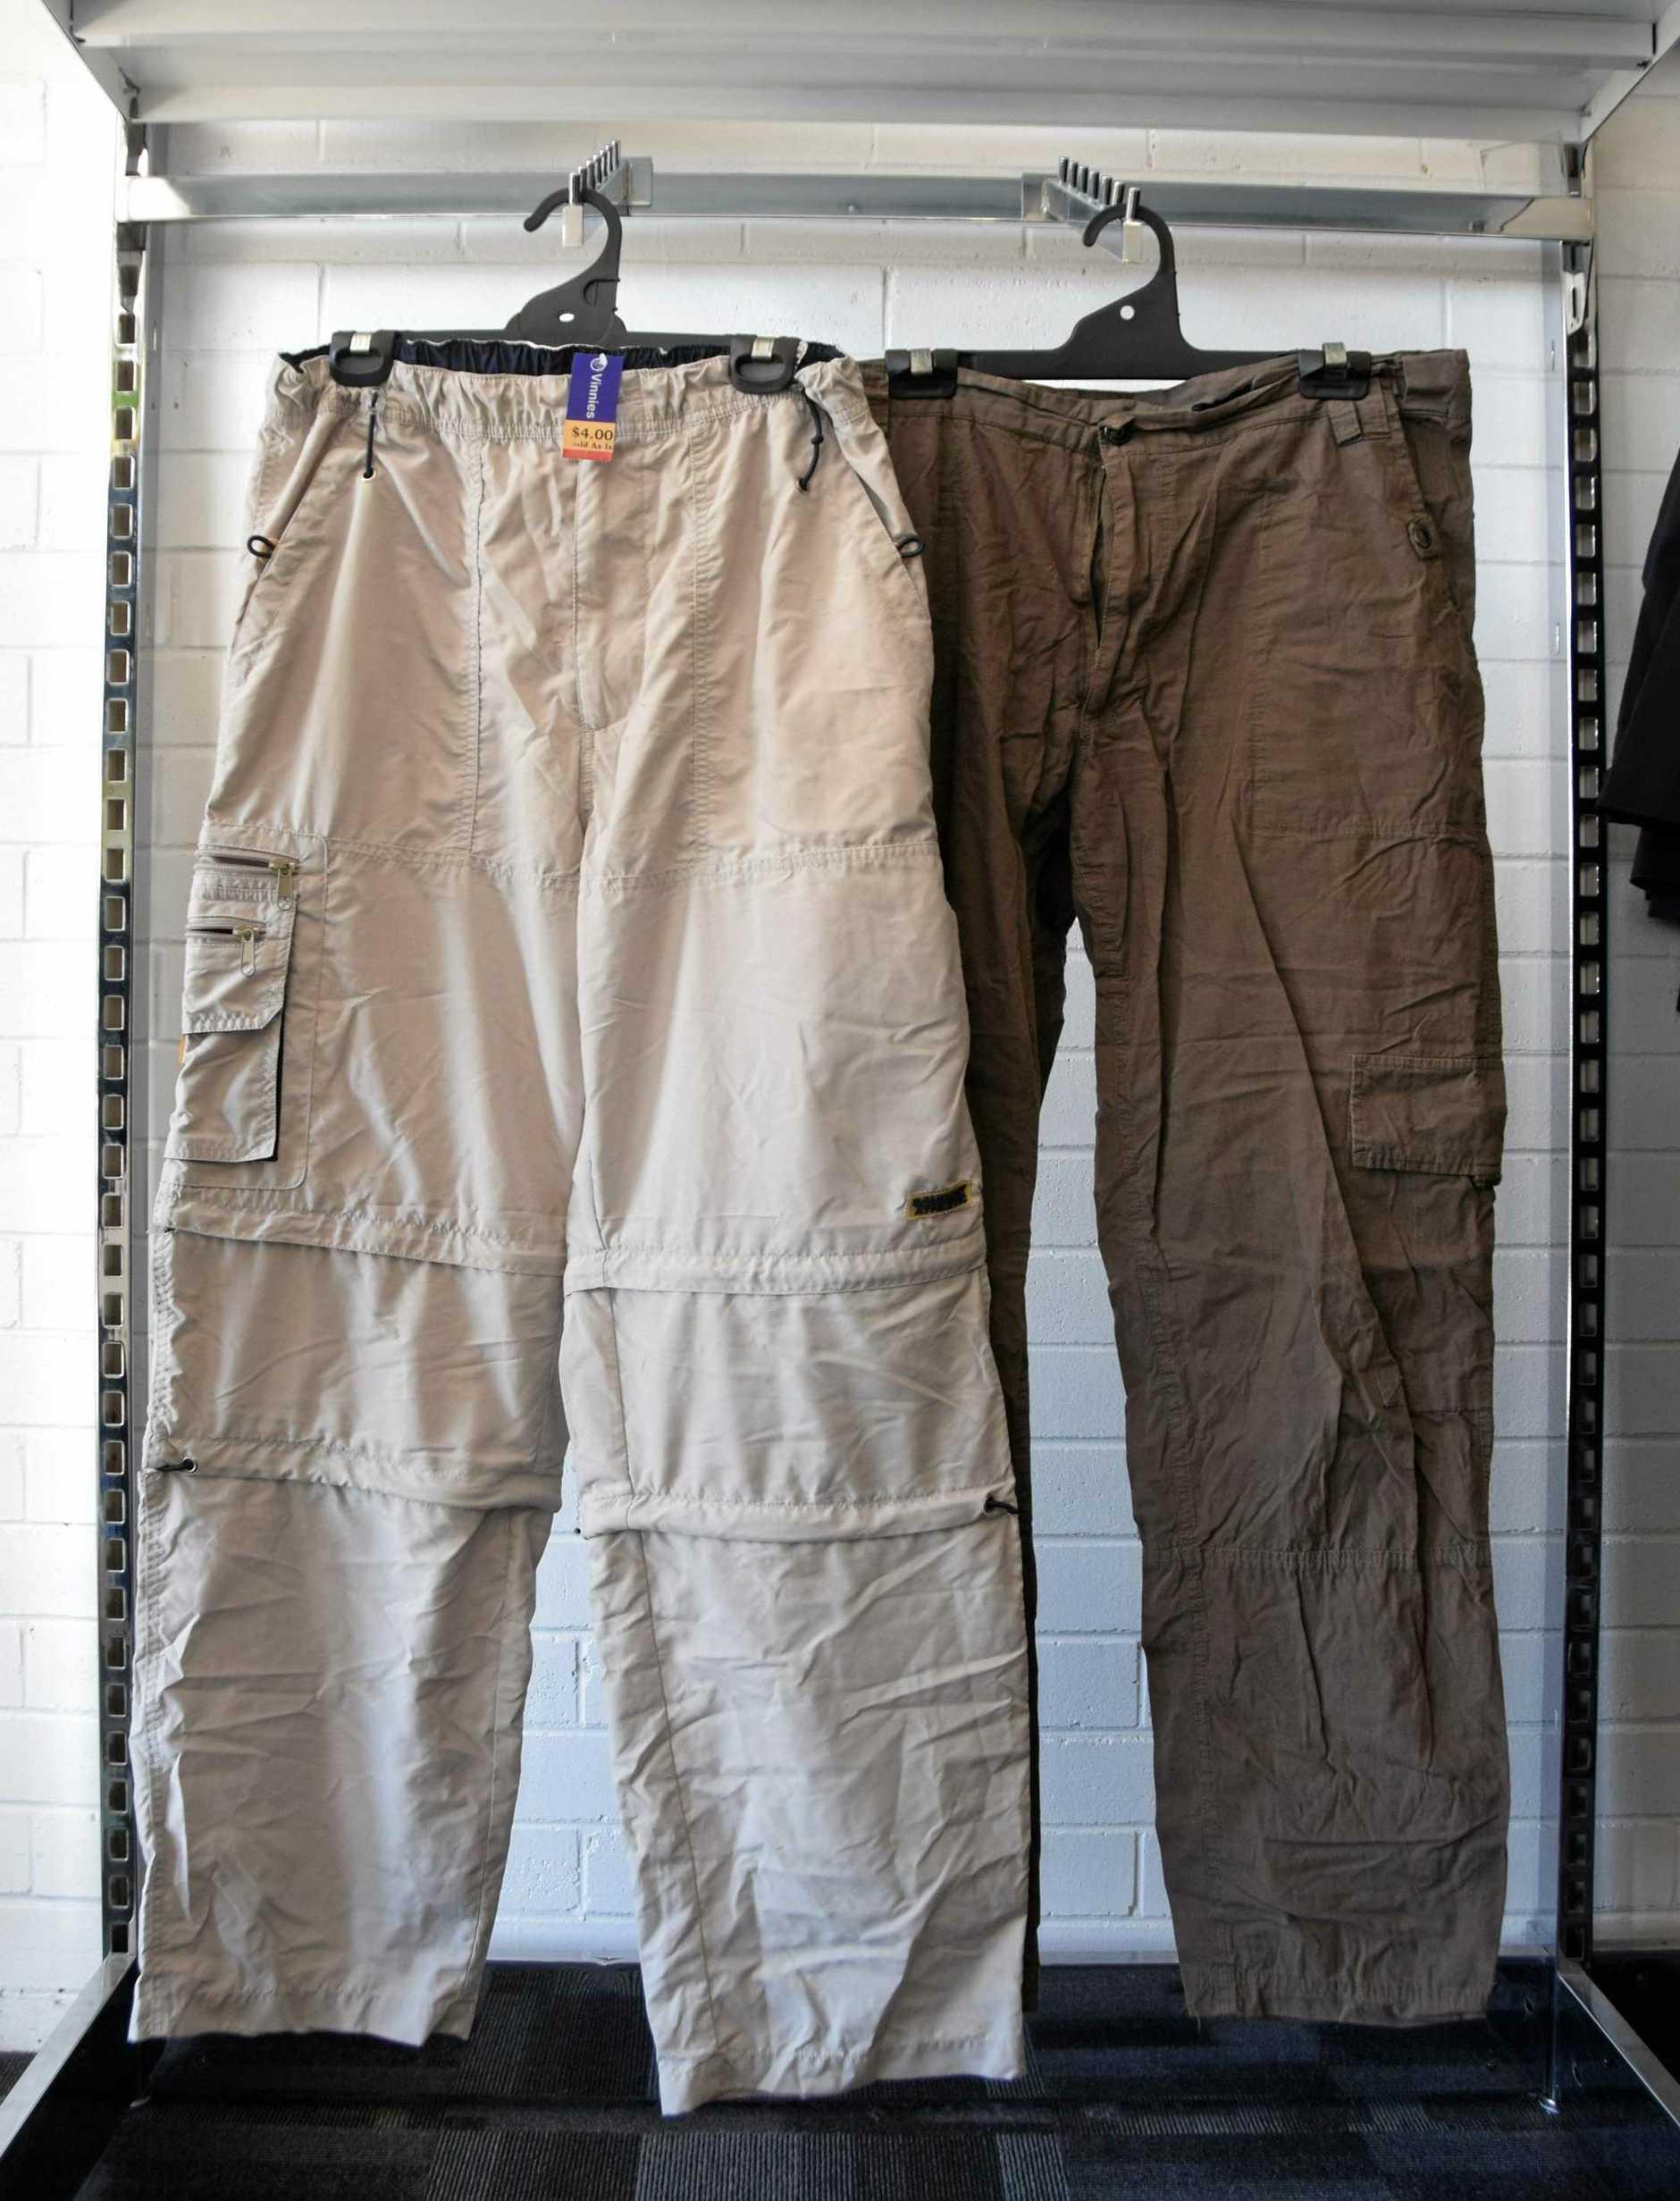 Vinnies men's pants. LEFT size 82 $4. RIGHT size 97 $4.